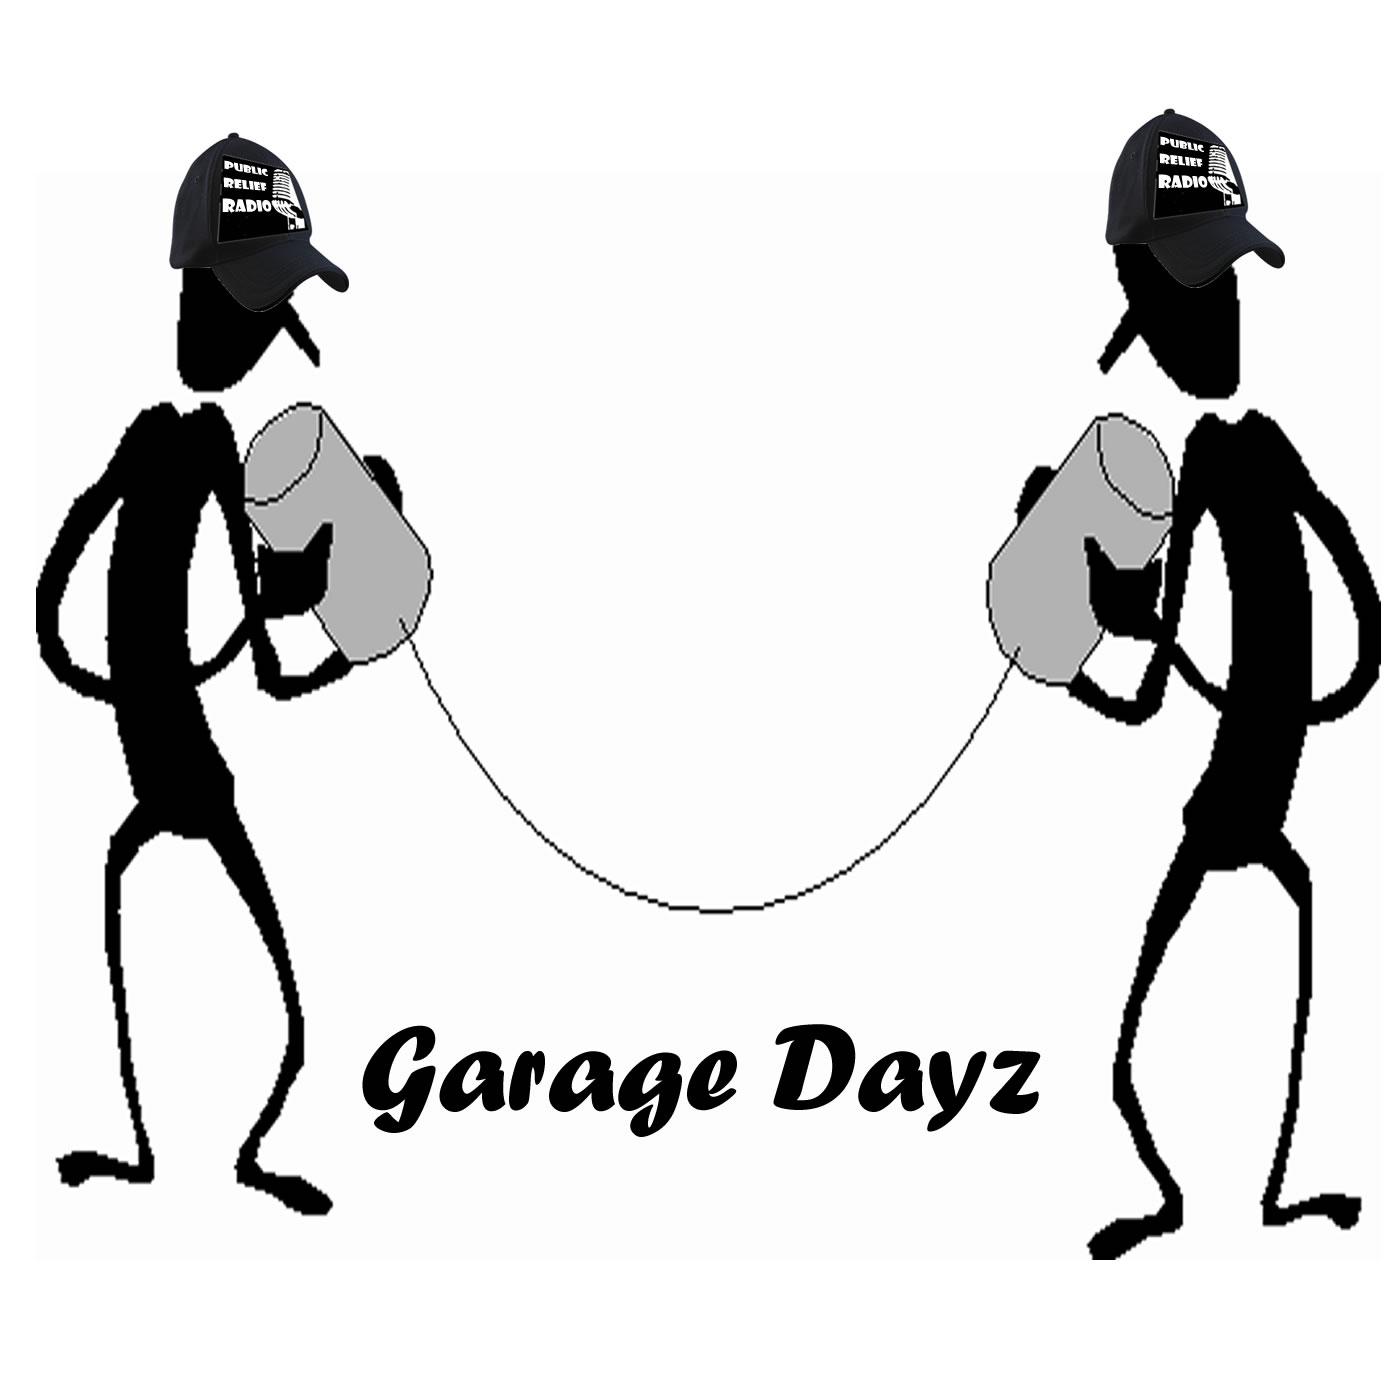 Garage Dayz